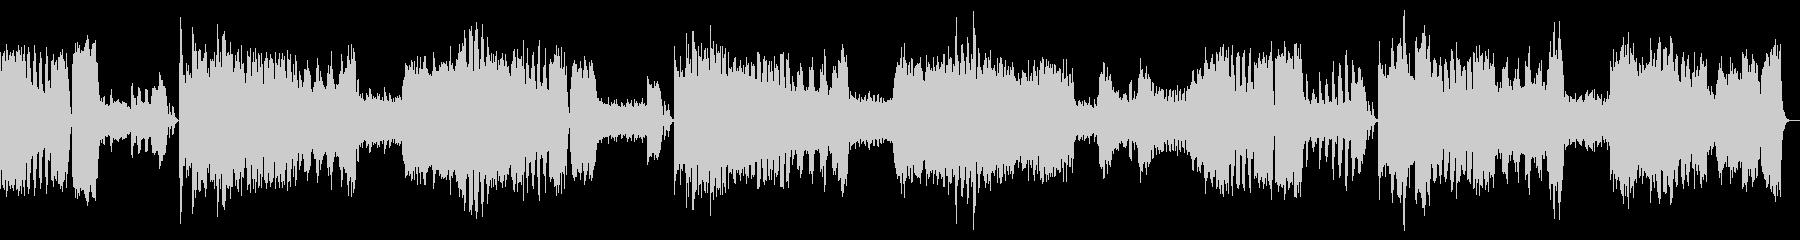 モーツァルト交響曲第25番ト短調の未再生の波形